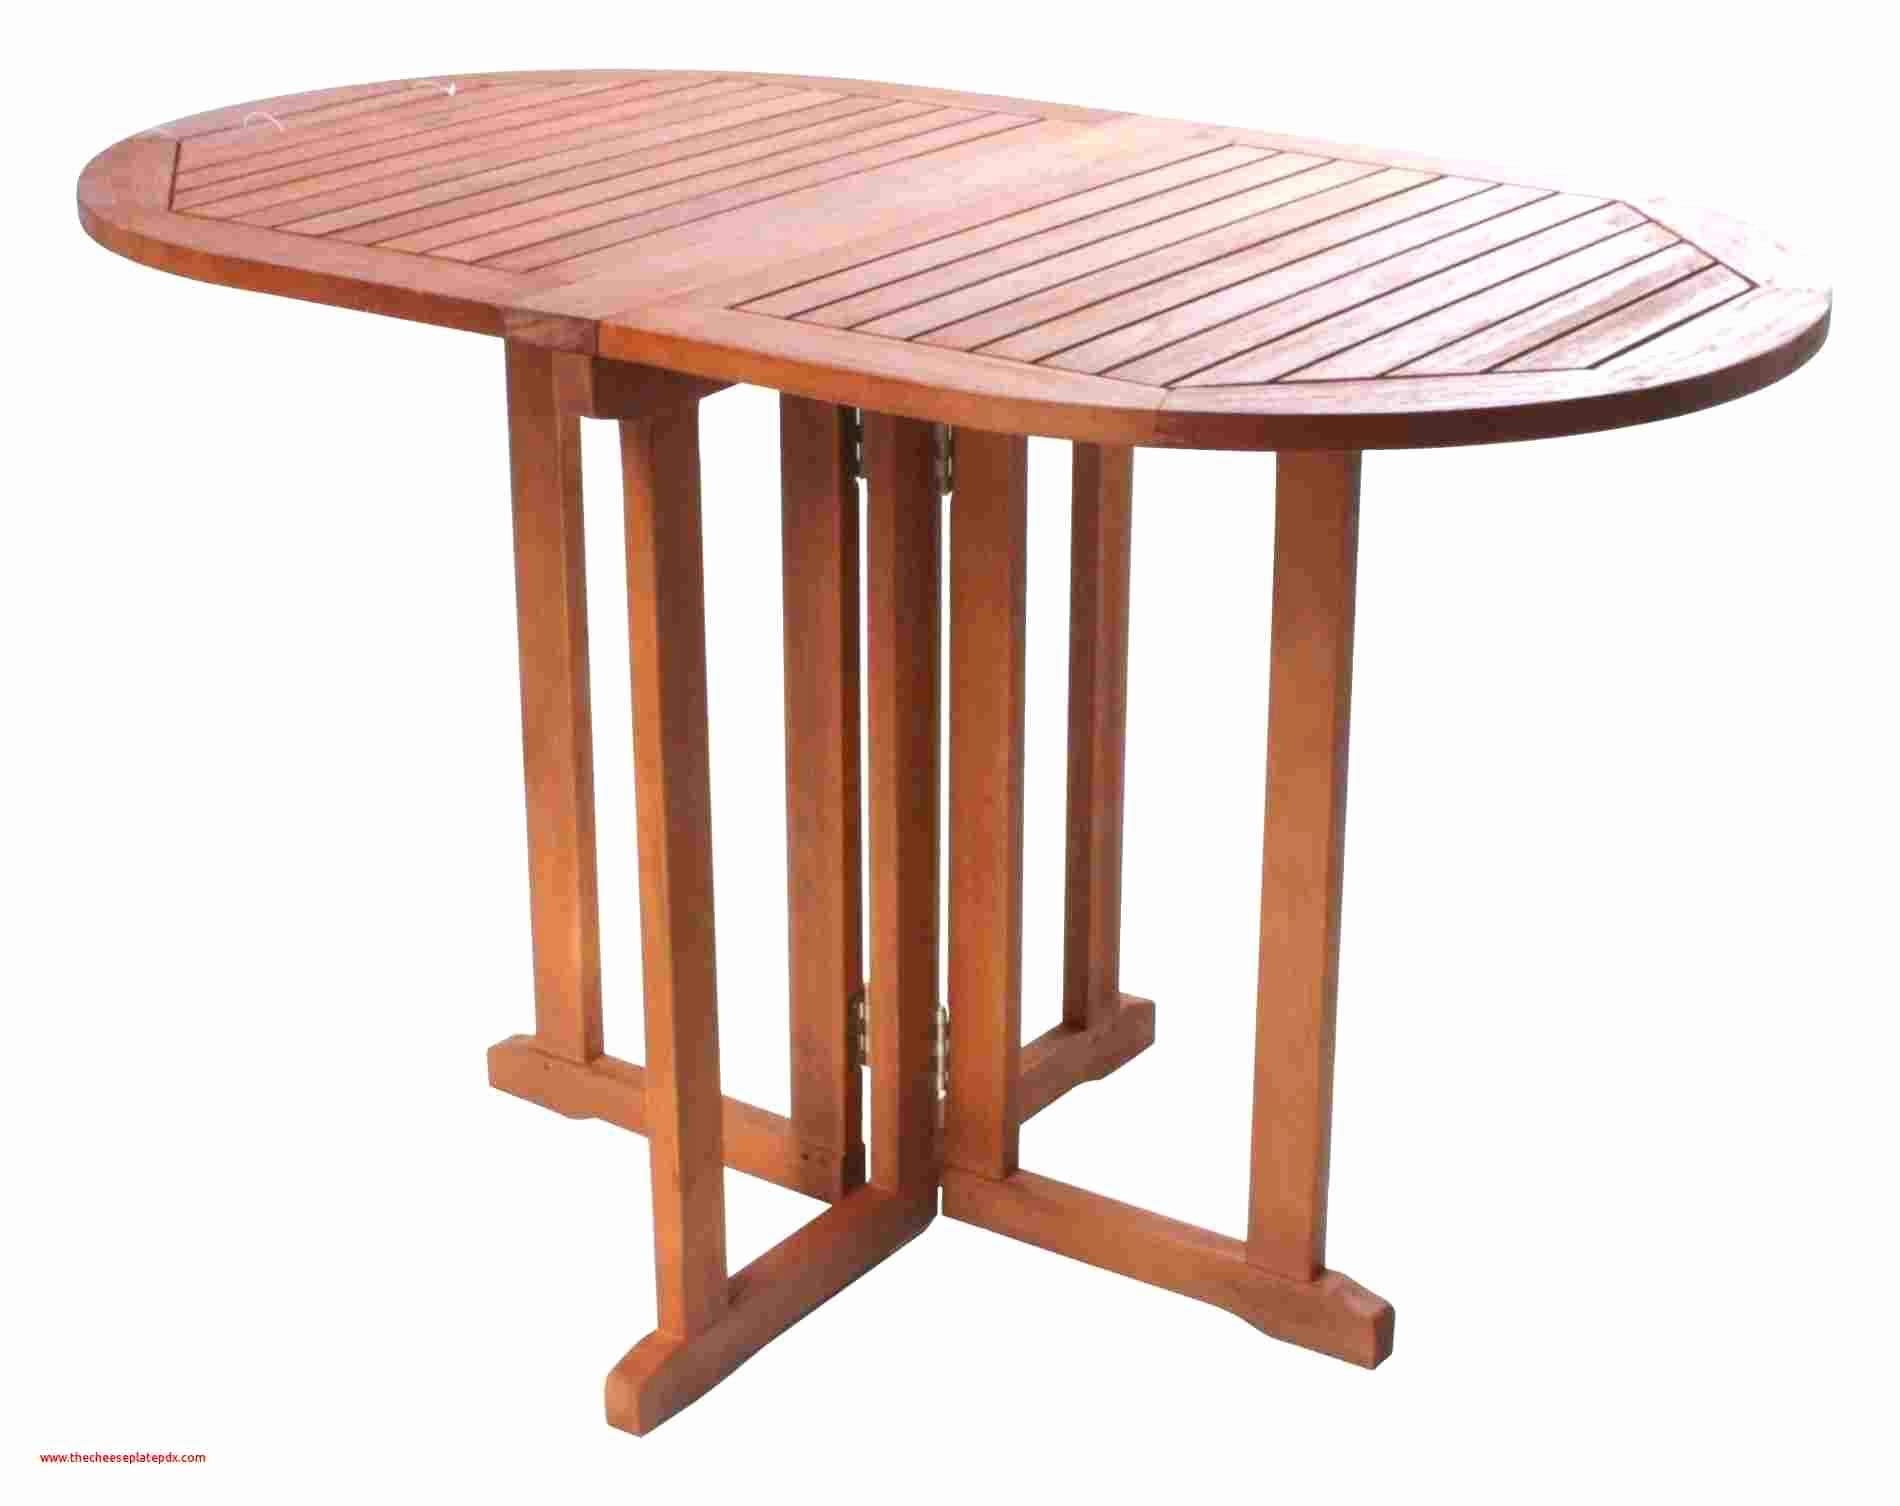 Beistelltisch Garten Holz Frisch Beistelltisch Bett Im Garten Neu Cha C2 B6n Boxspringbett